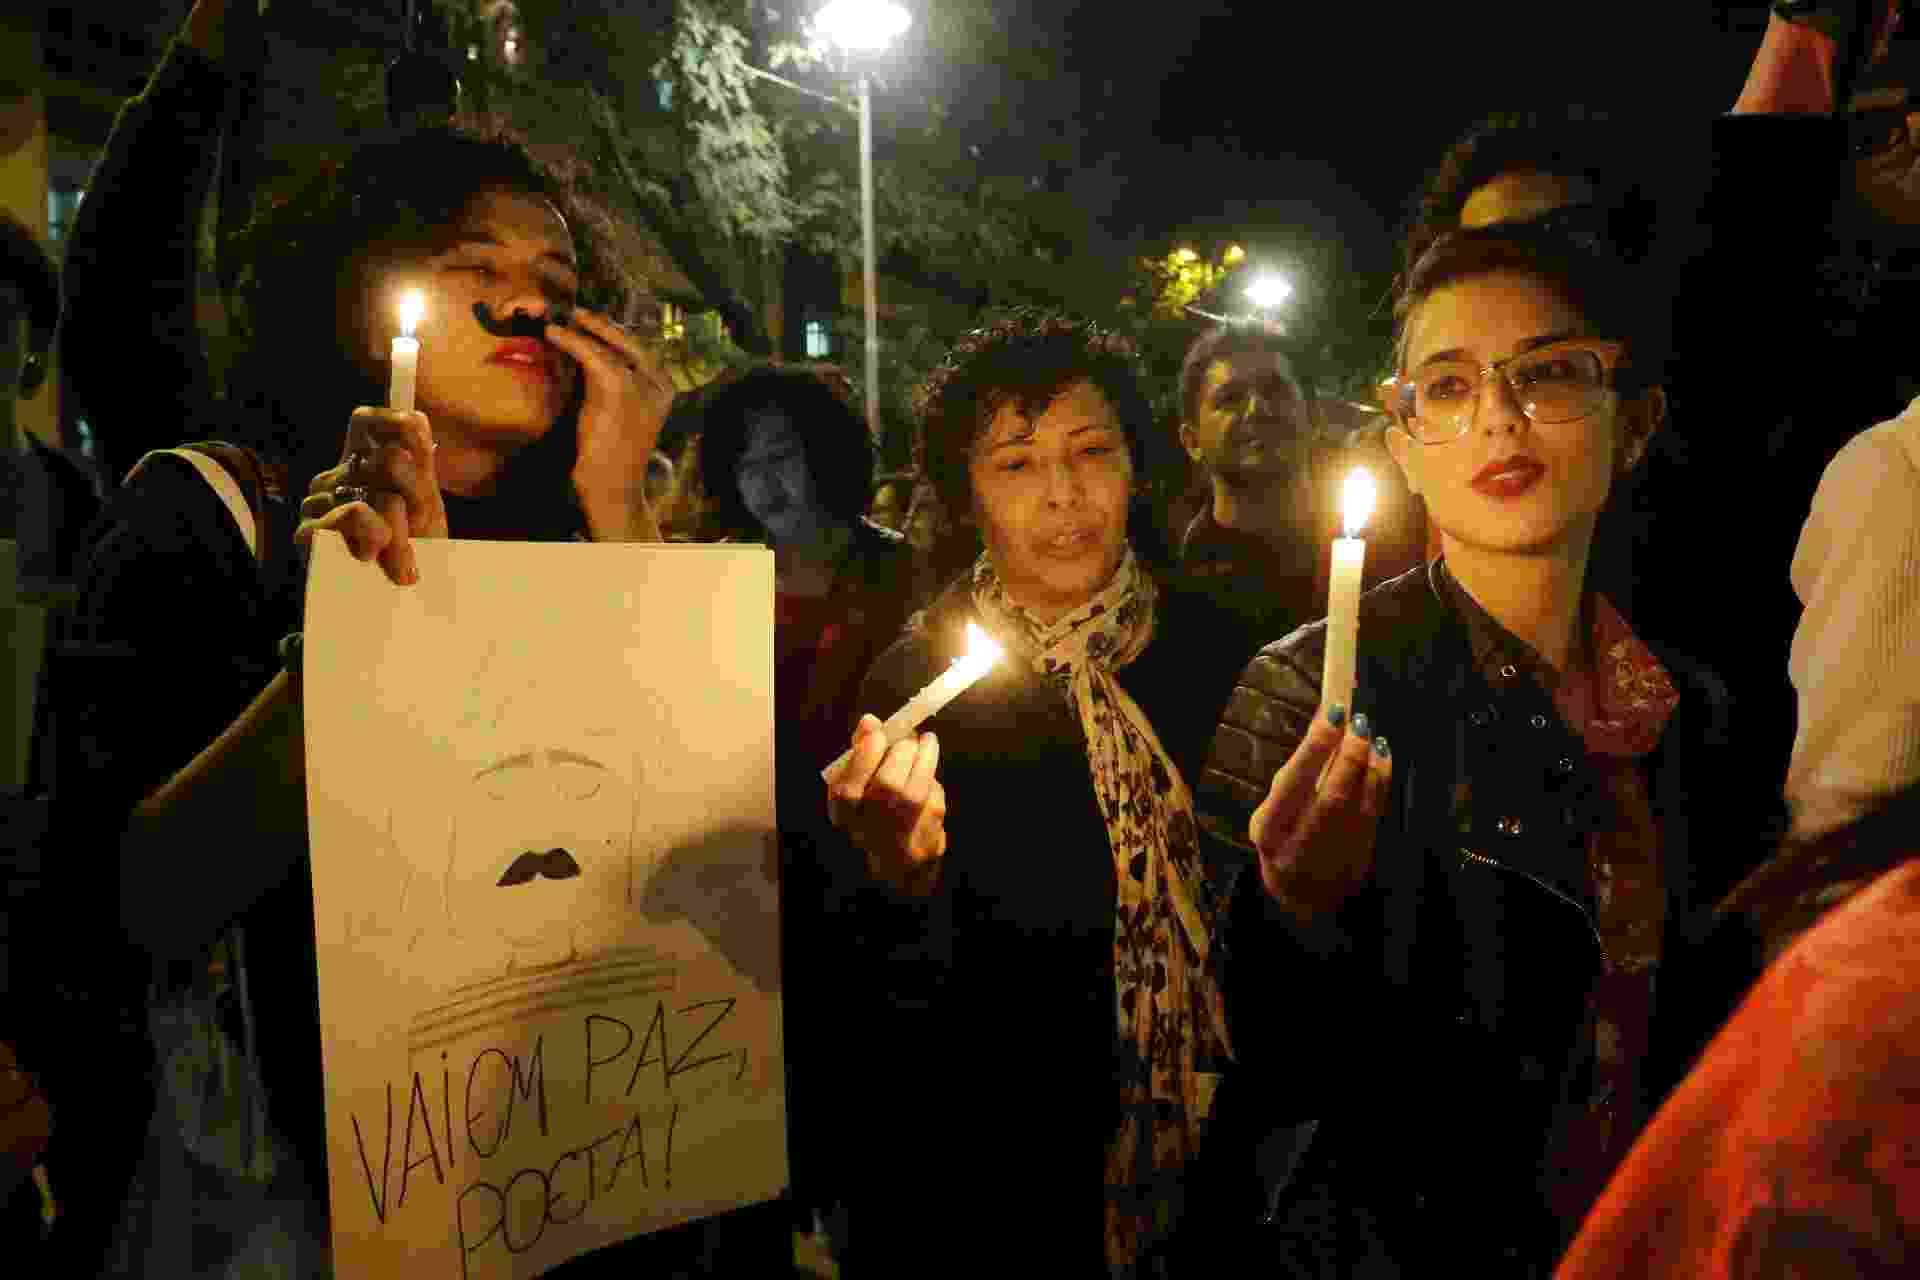 Fãs acendem velas e cantam músicas em memória do cantor cearense Belchior, na Praça Roosevelt, no centro de São Paulo - Foto: NELSON ANTOINE/ESTADÃO CONTEÚDO AGE20170501346 - 01/05/2017 - 19:31s